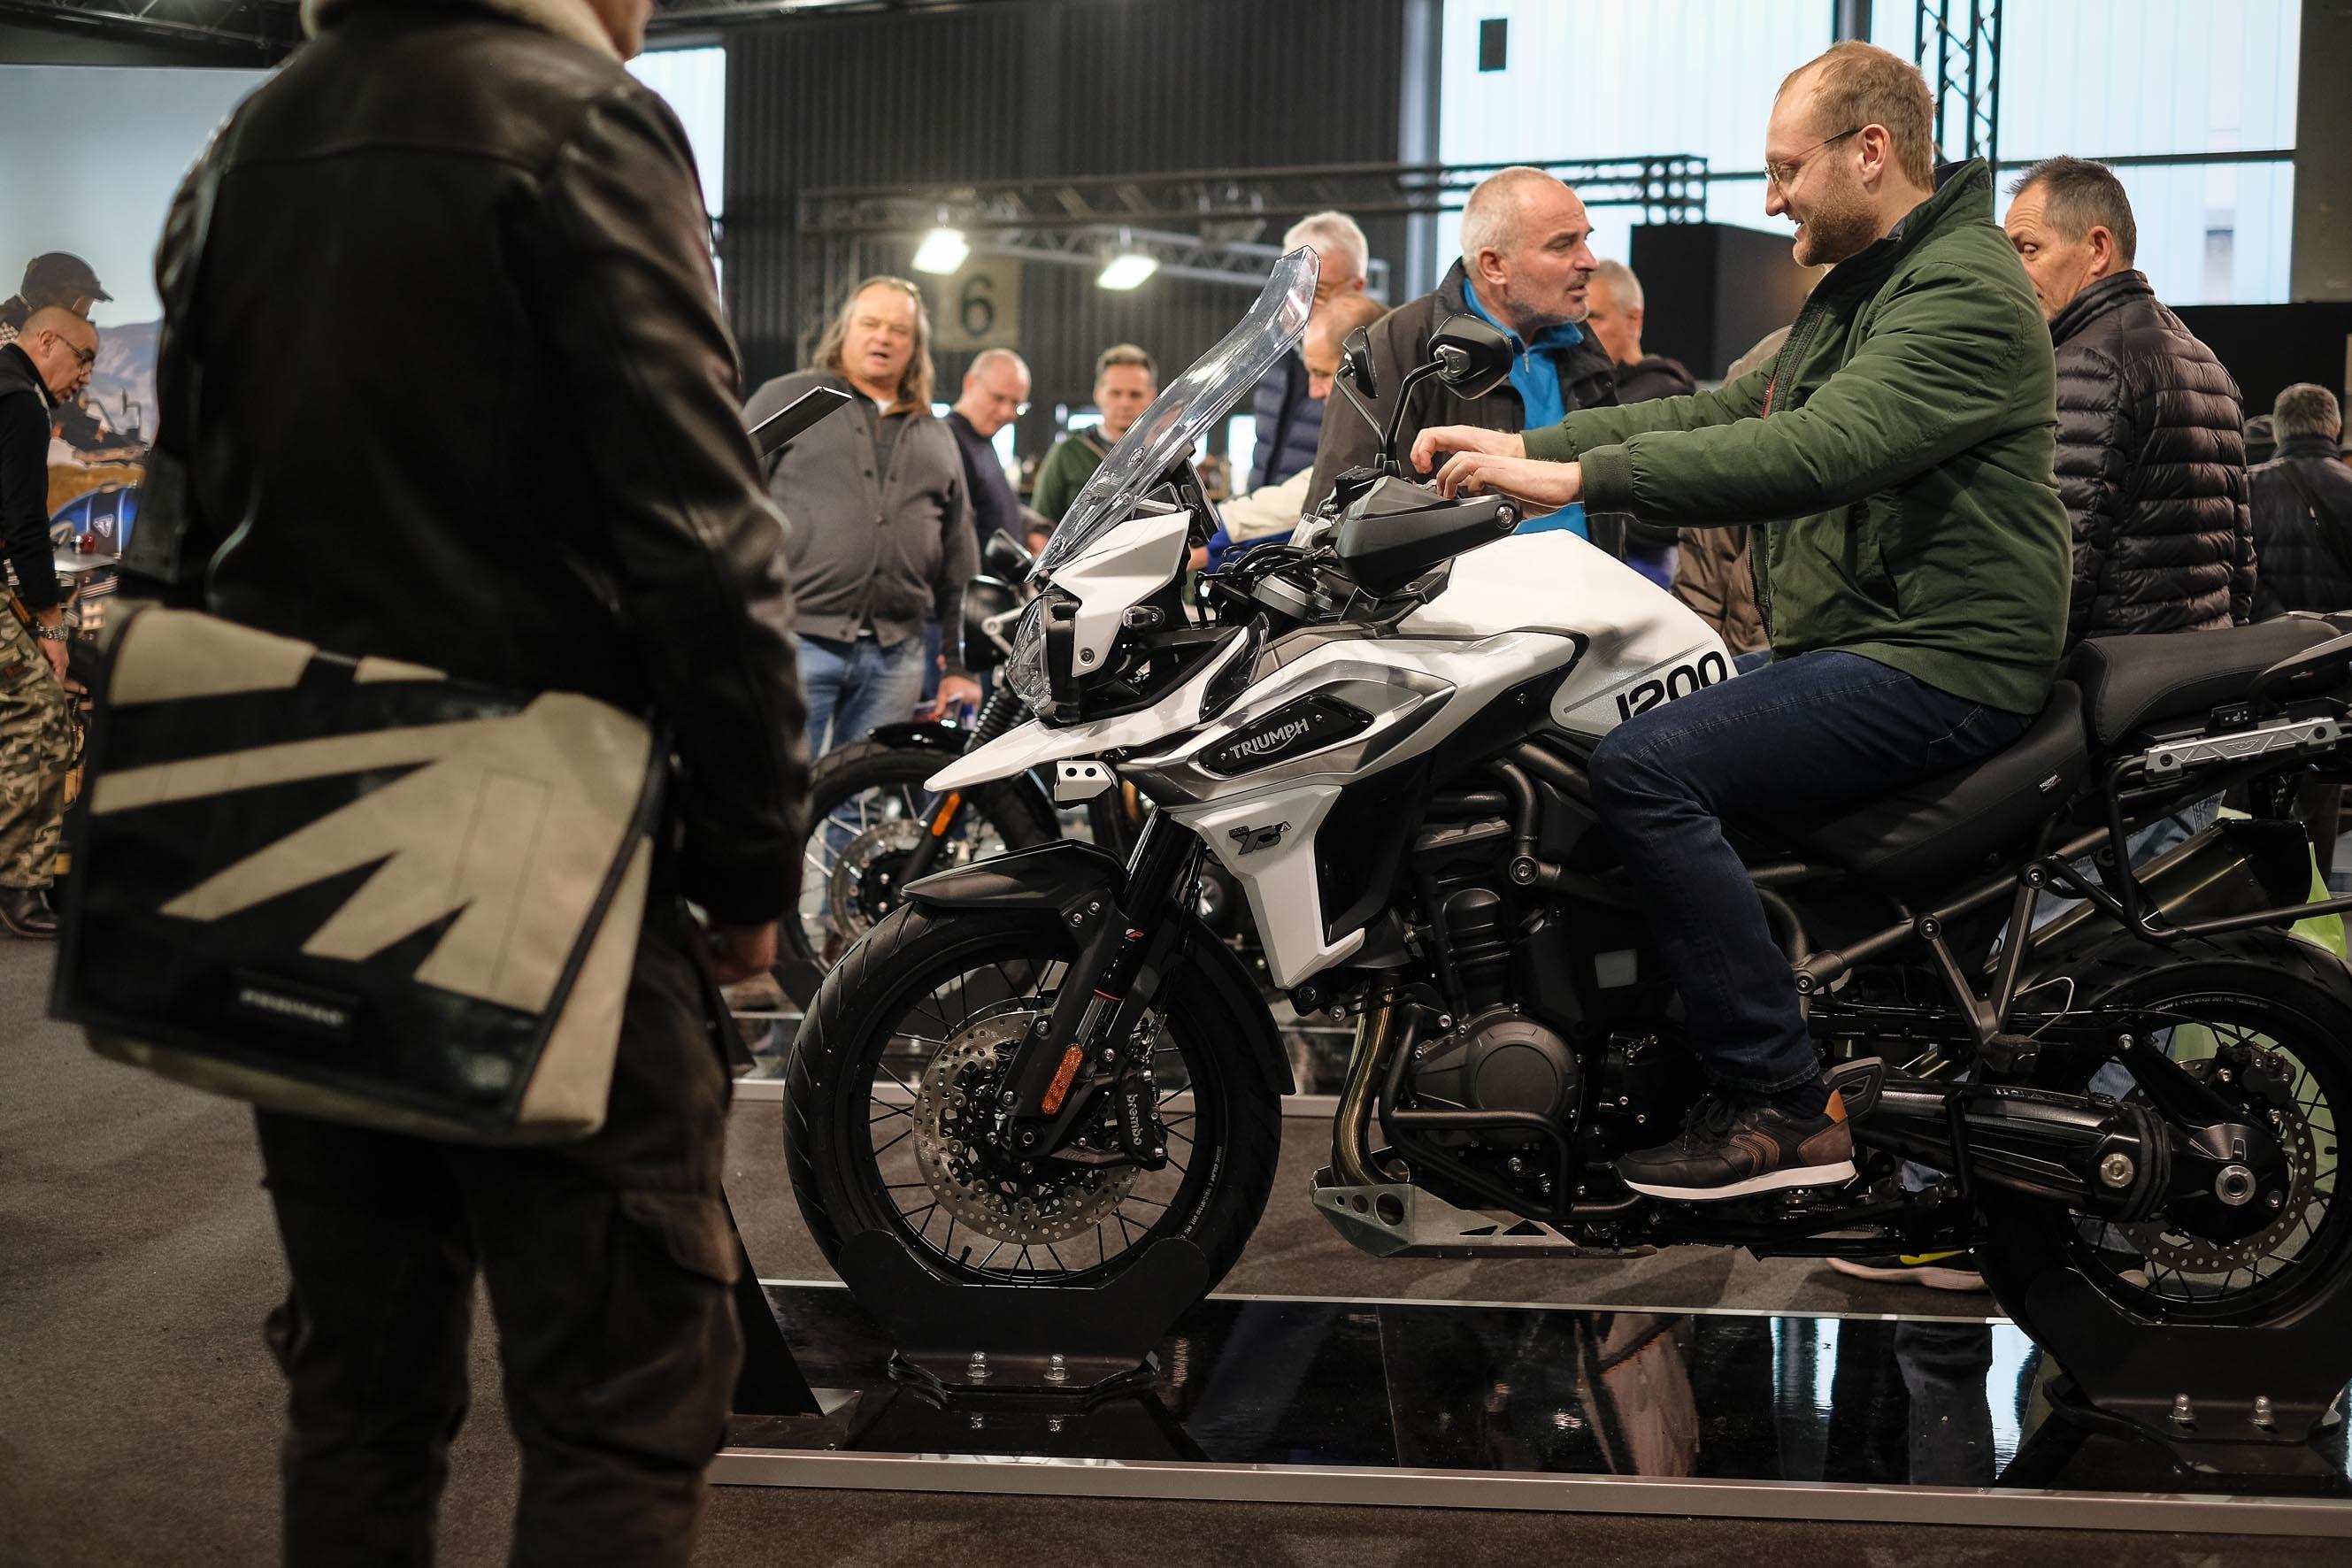 motorbikeexpo2019-fotoennevi-mmf3823-2